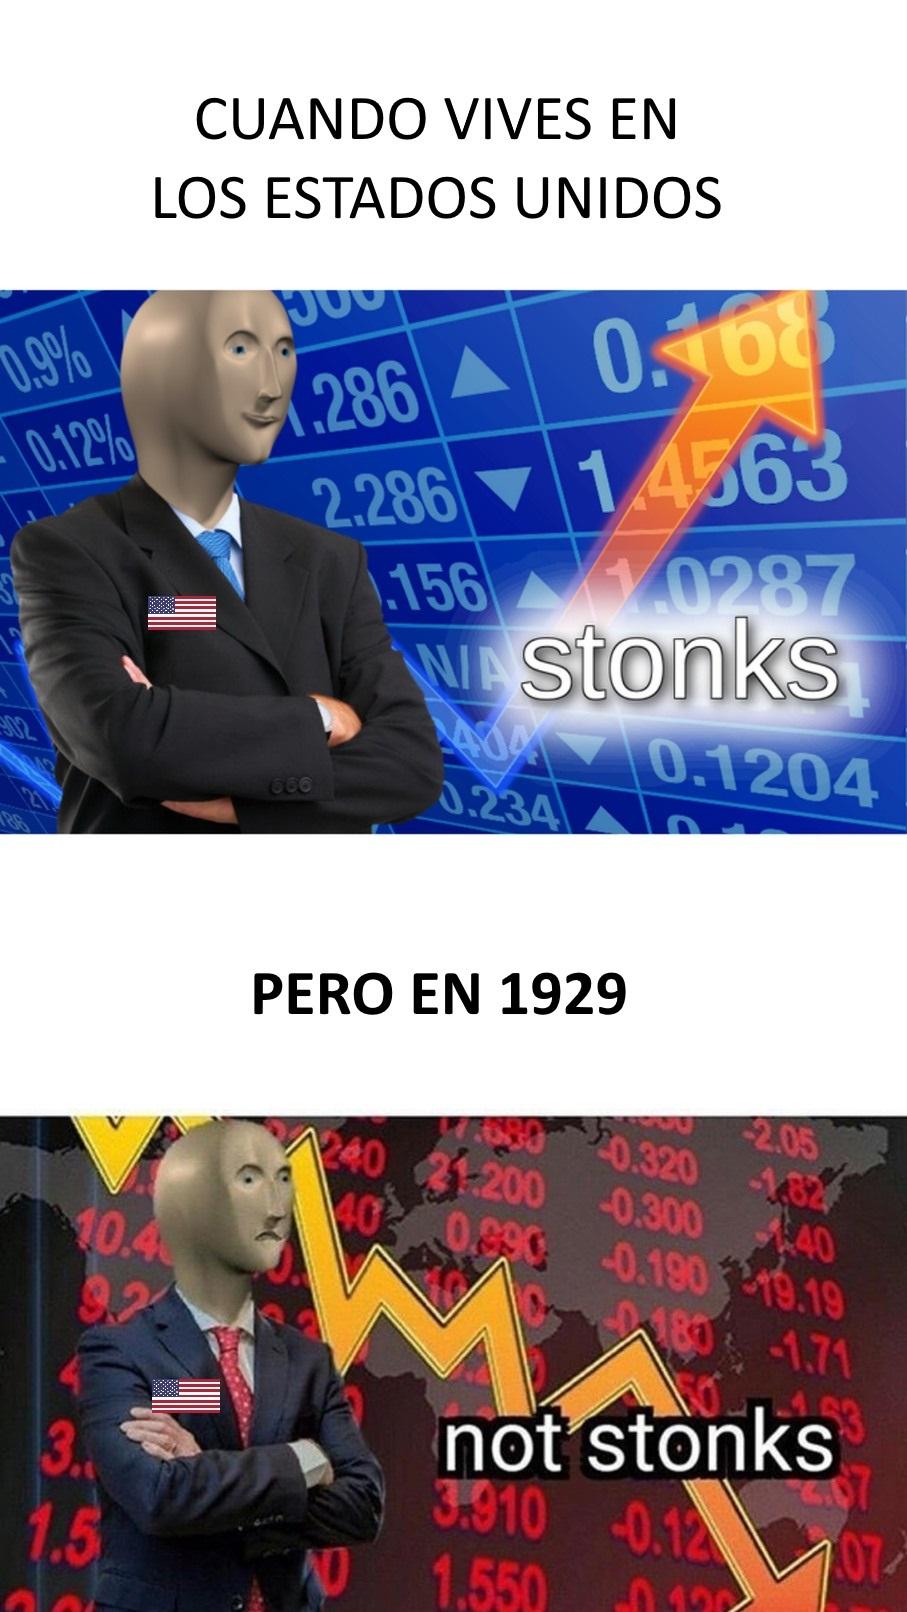 Crack del 29 be like - meme